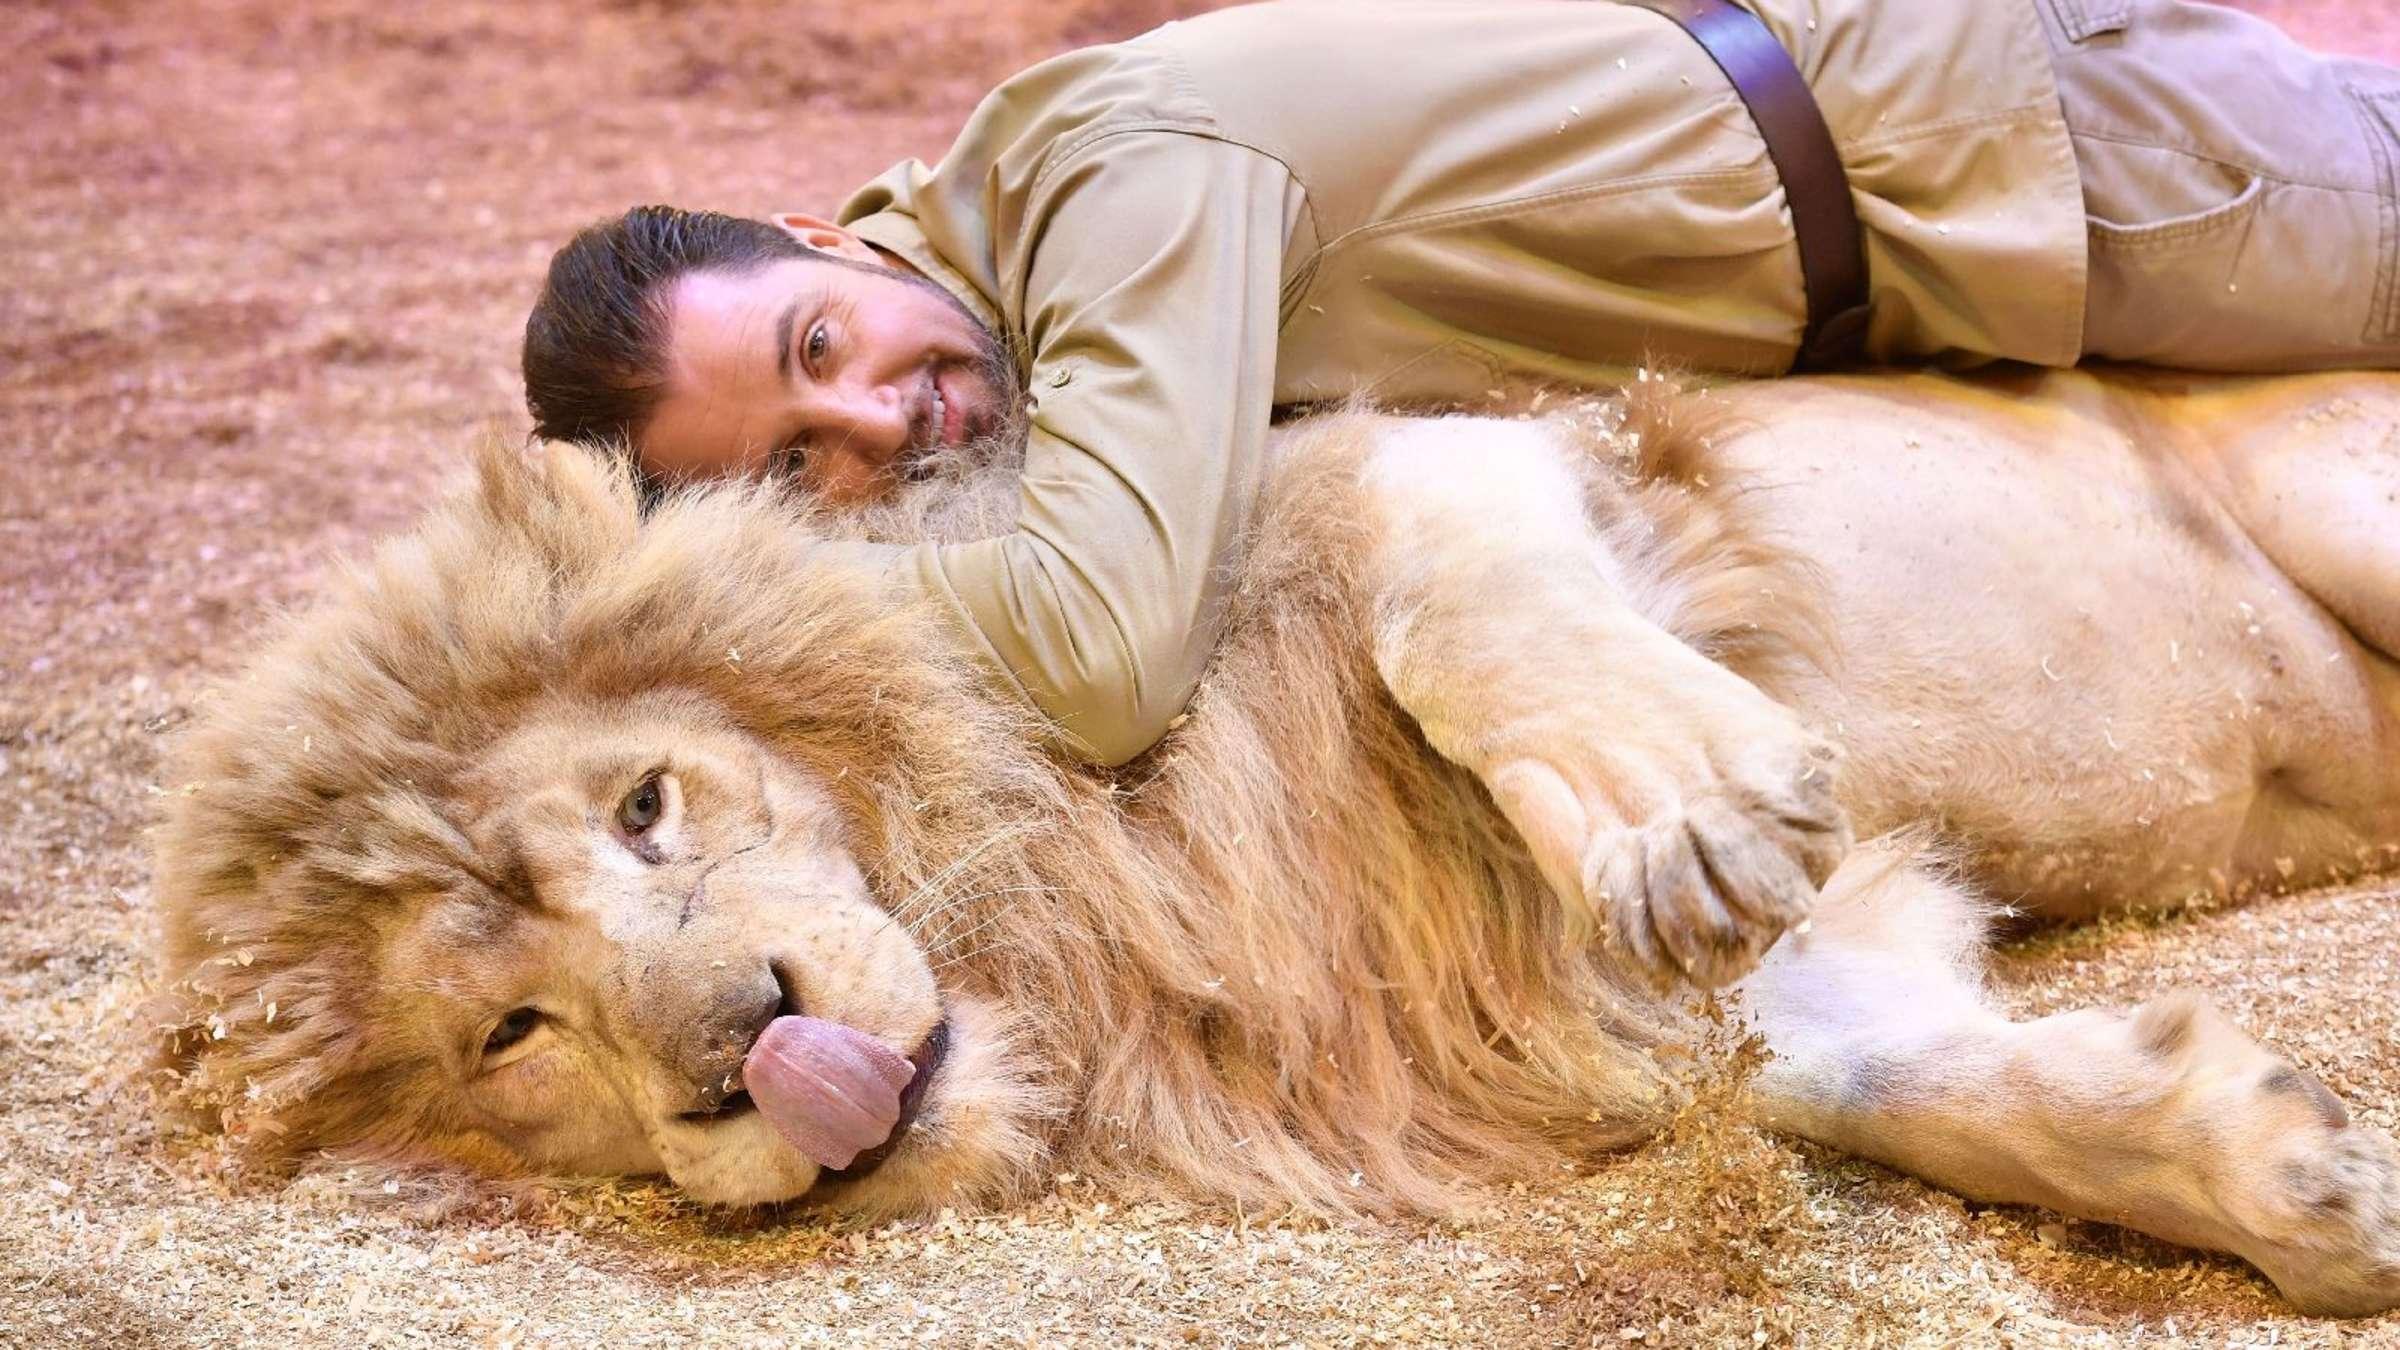 Löwe mann nicht verliebt